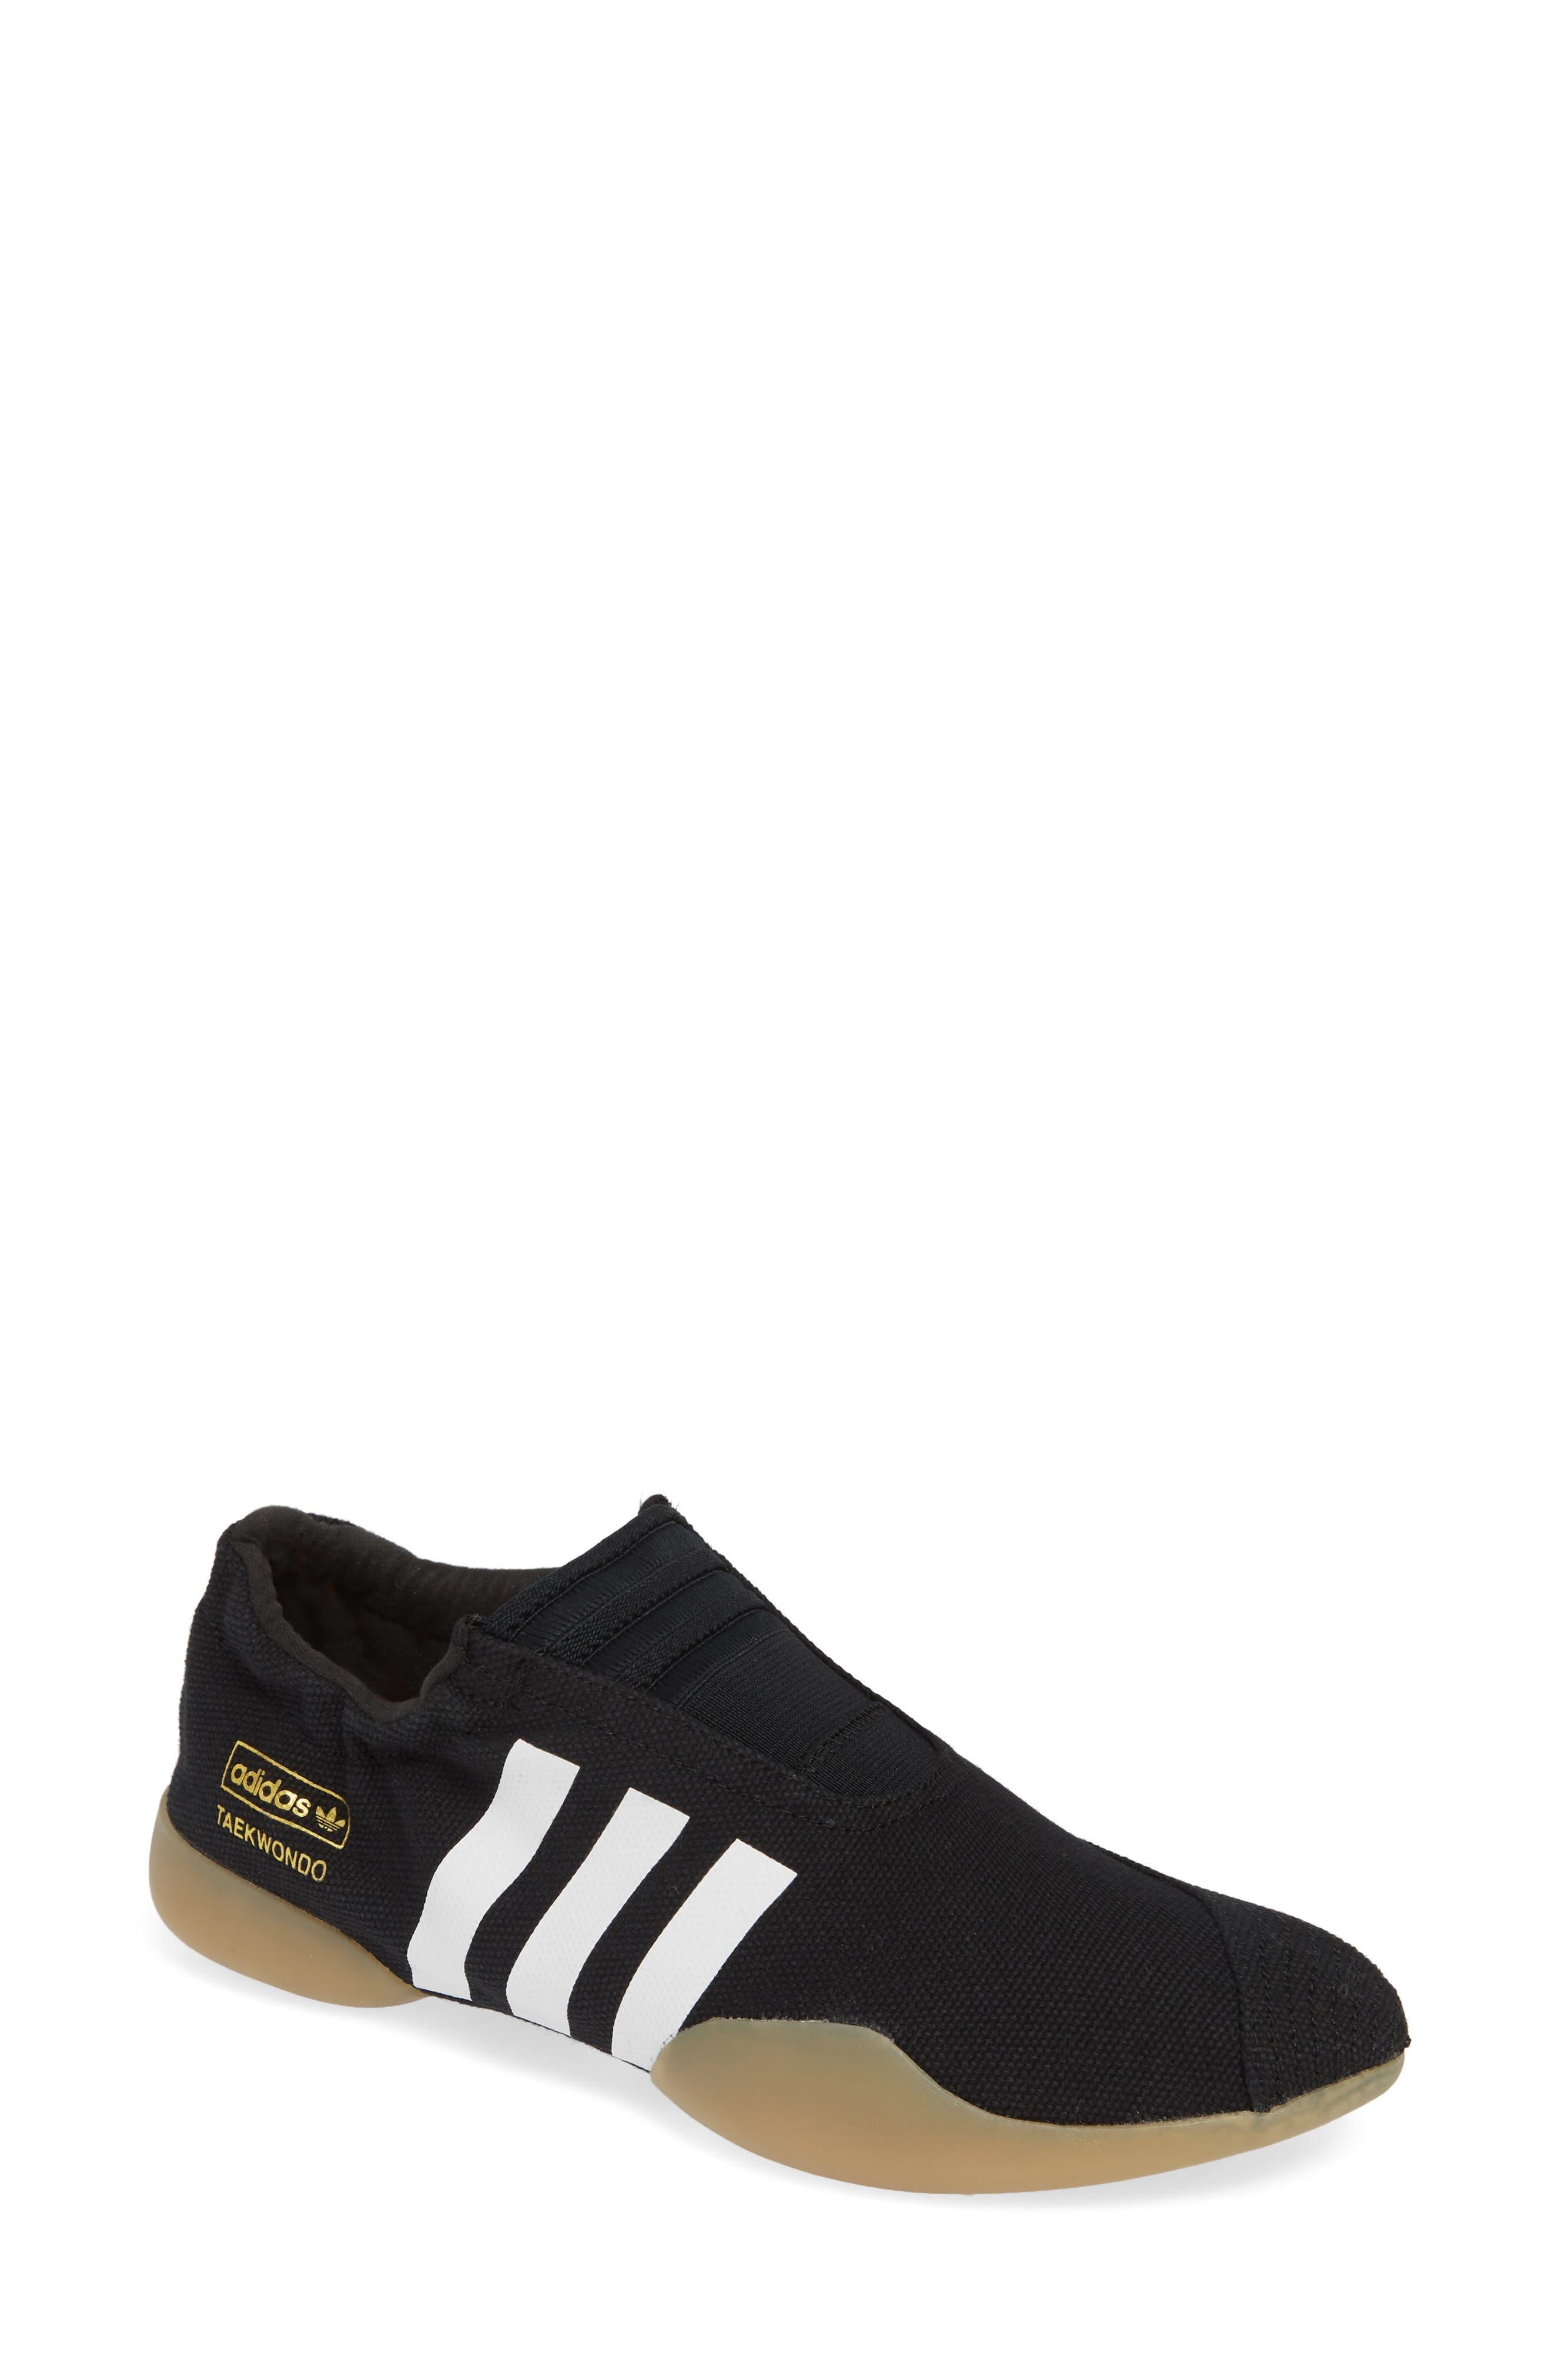 Taekwondo Slip-On Sneaker,                             Main thumbnail 1, color,                             CORE BLACK/ WHITE/ GUM 3